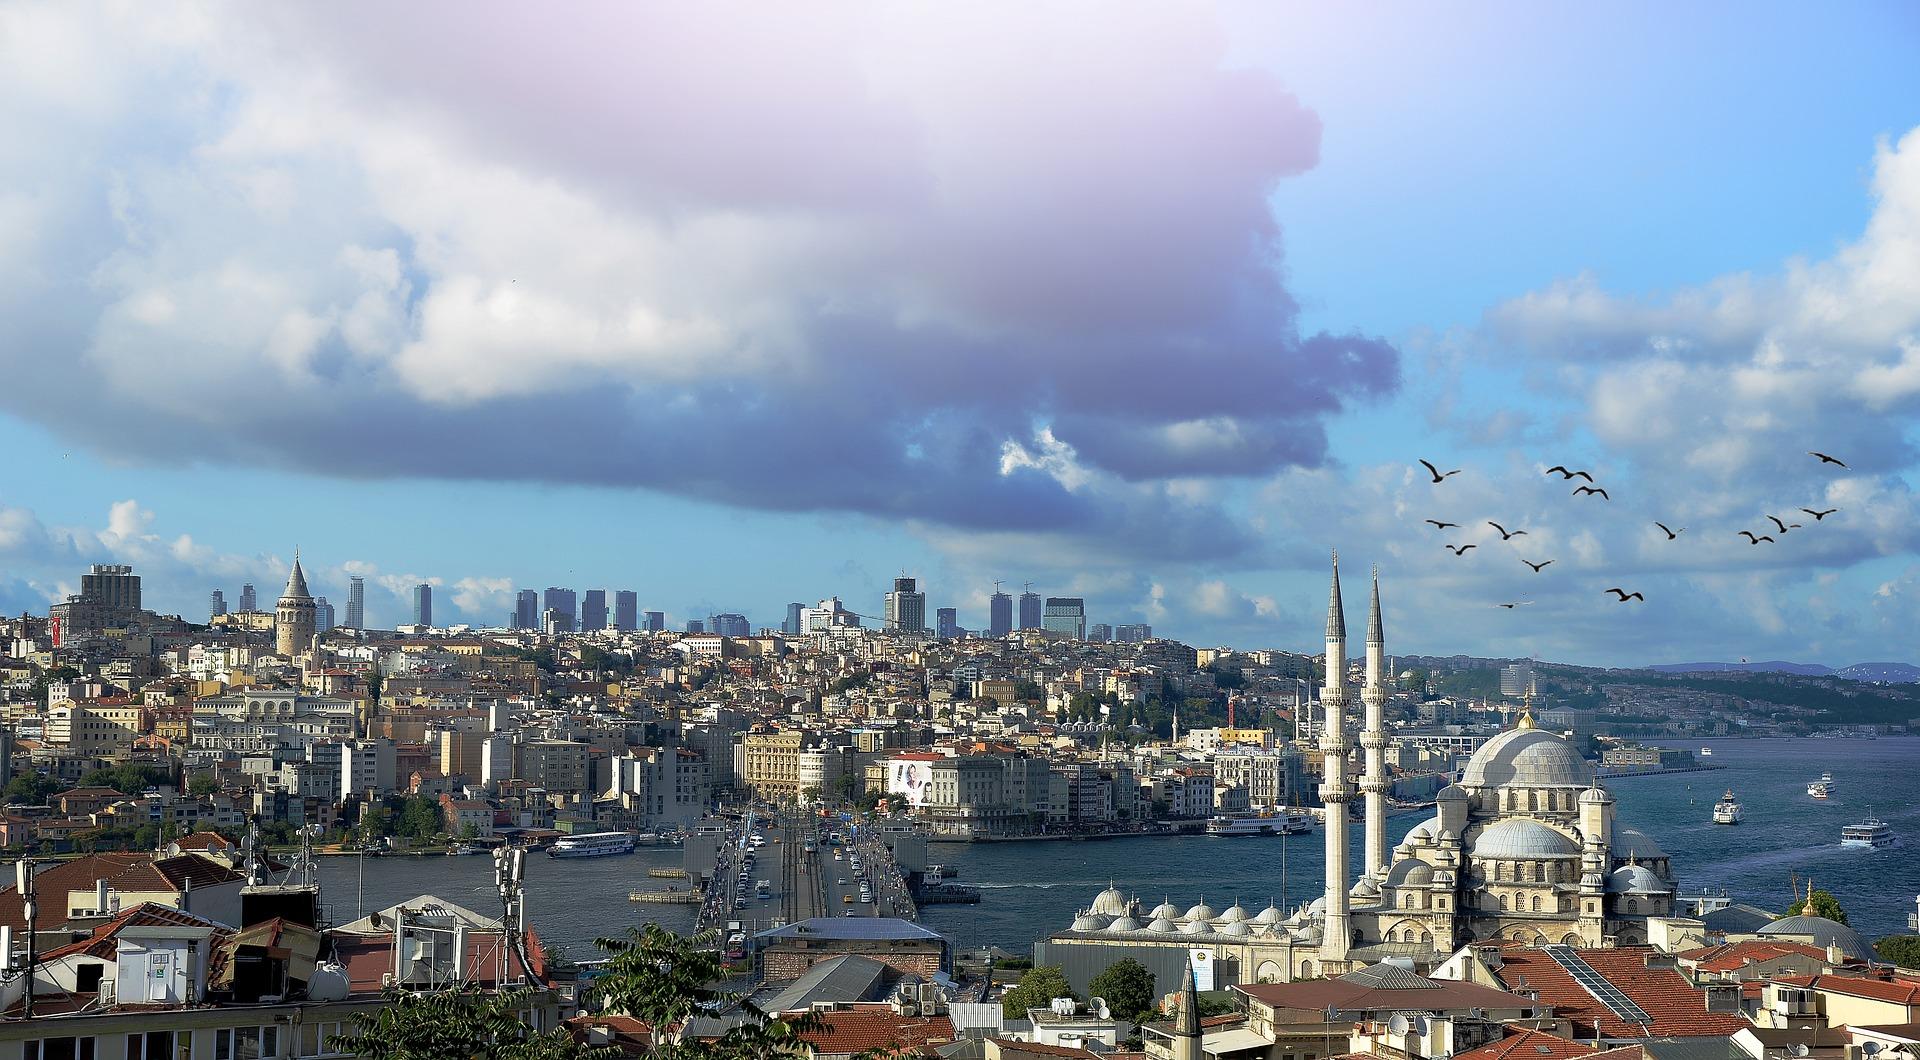 Pauschalreise Bosporous eine Städtereise nach Istanbul Europa oder Orient